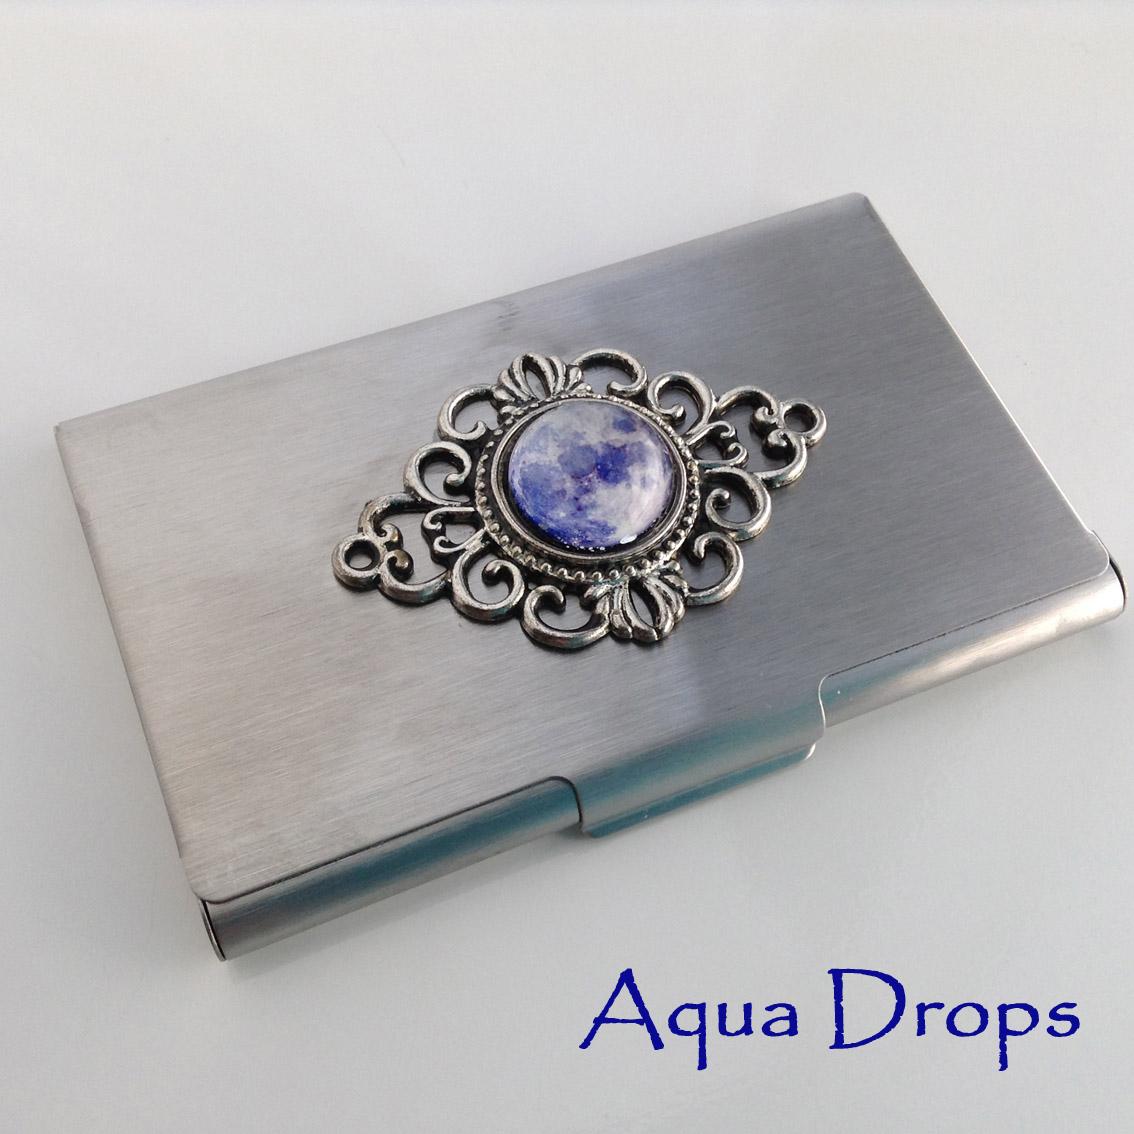 2017_お月さまをヒトリジメ Aqua Drops_06